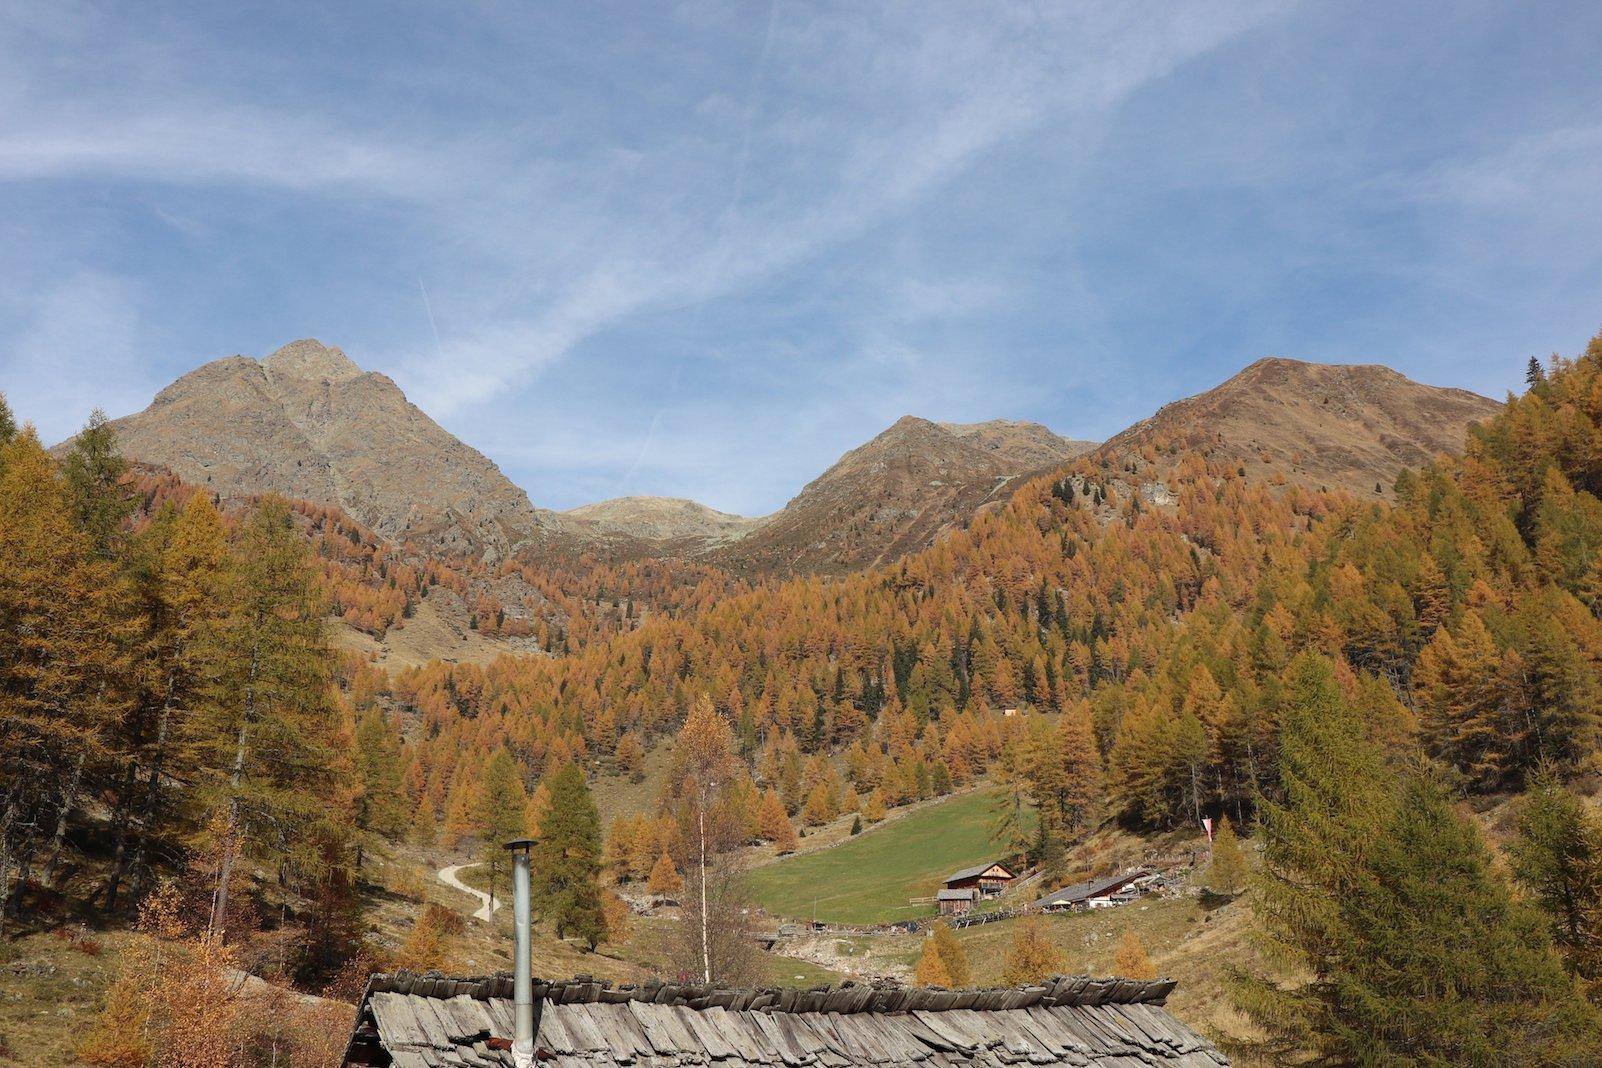 Rechts oberhalb des Daches im Vordergrund taucht die Astnerberg Alm auf